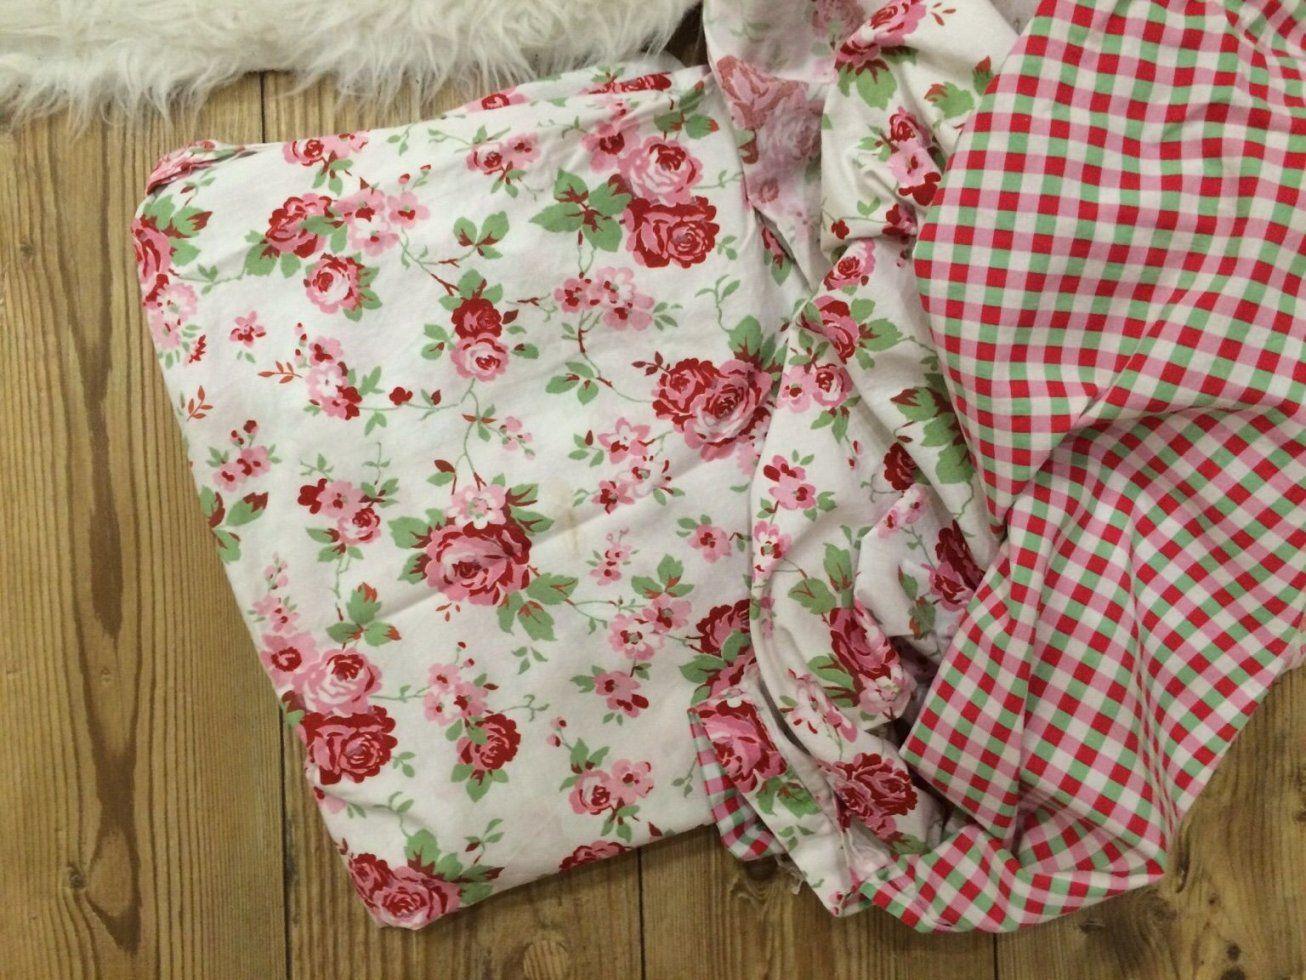 Gebraucht Bettwäsche Ikea Rosali Blumen Rosa Karriert🌸 In 04862 von Ikea Bettwäsche Rosali Bild